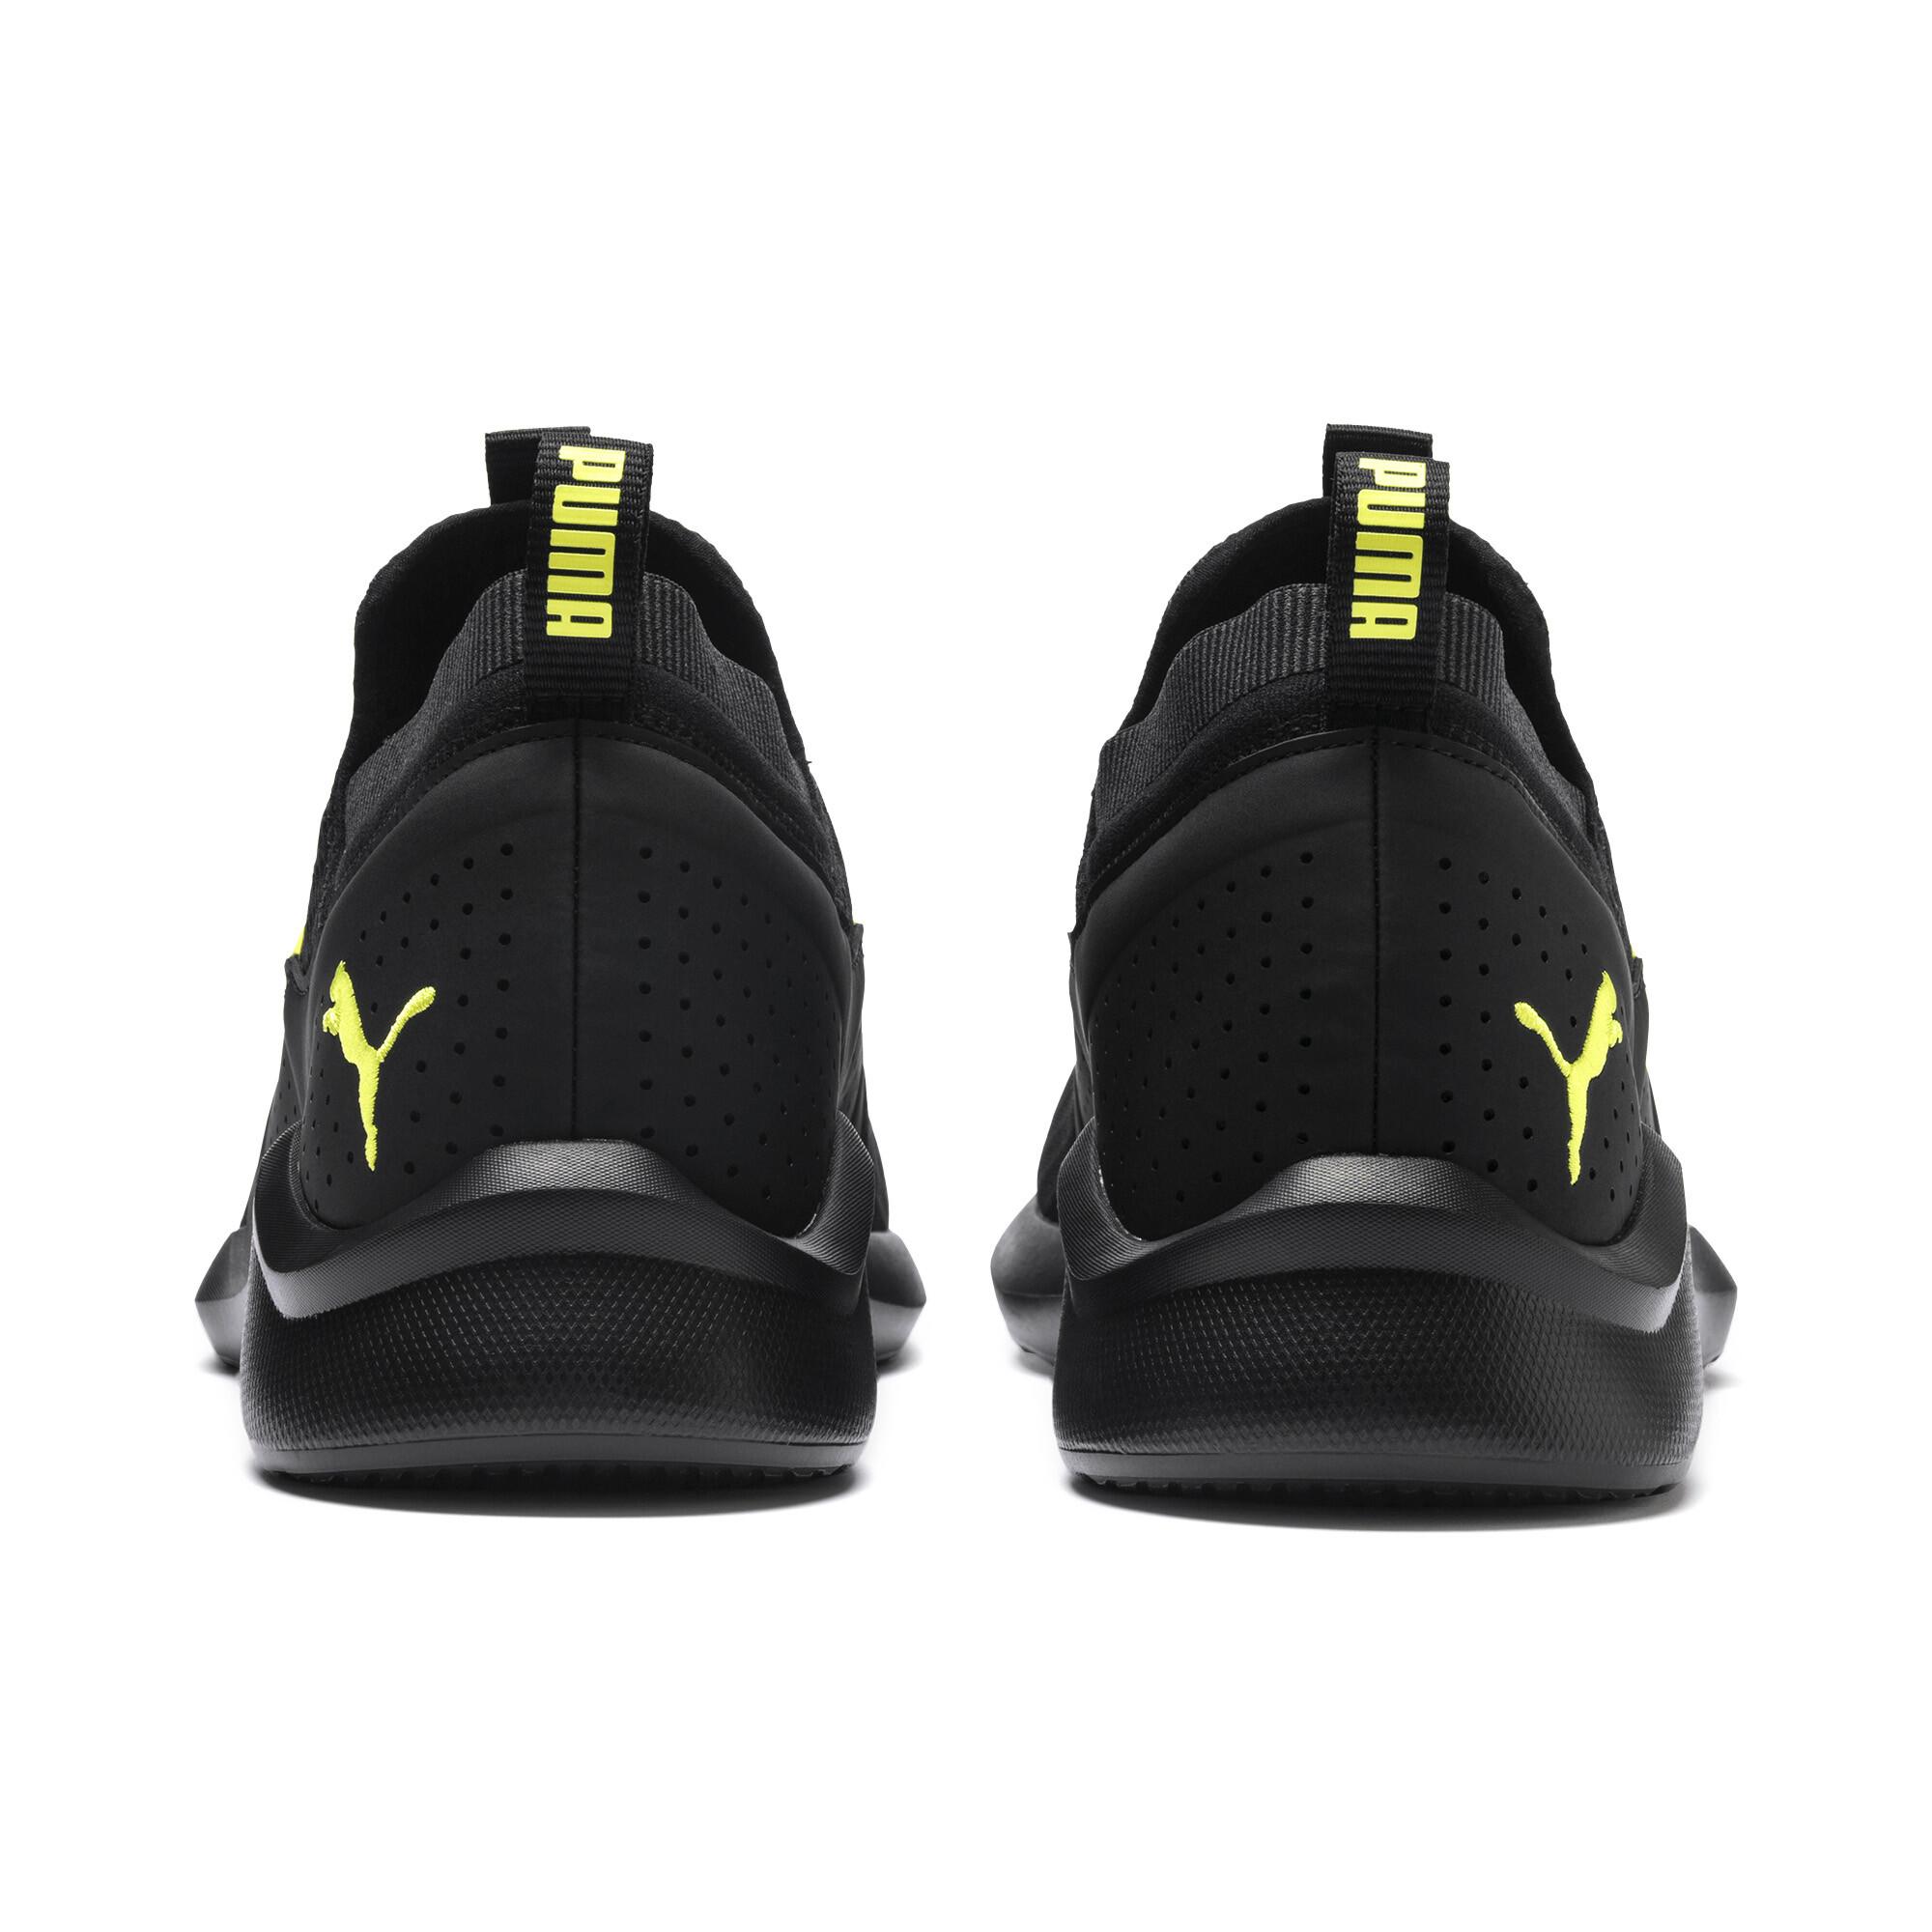 PUMA-Men-039-s-Emergence-Future-Training-Shoes thumbnail 5